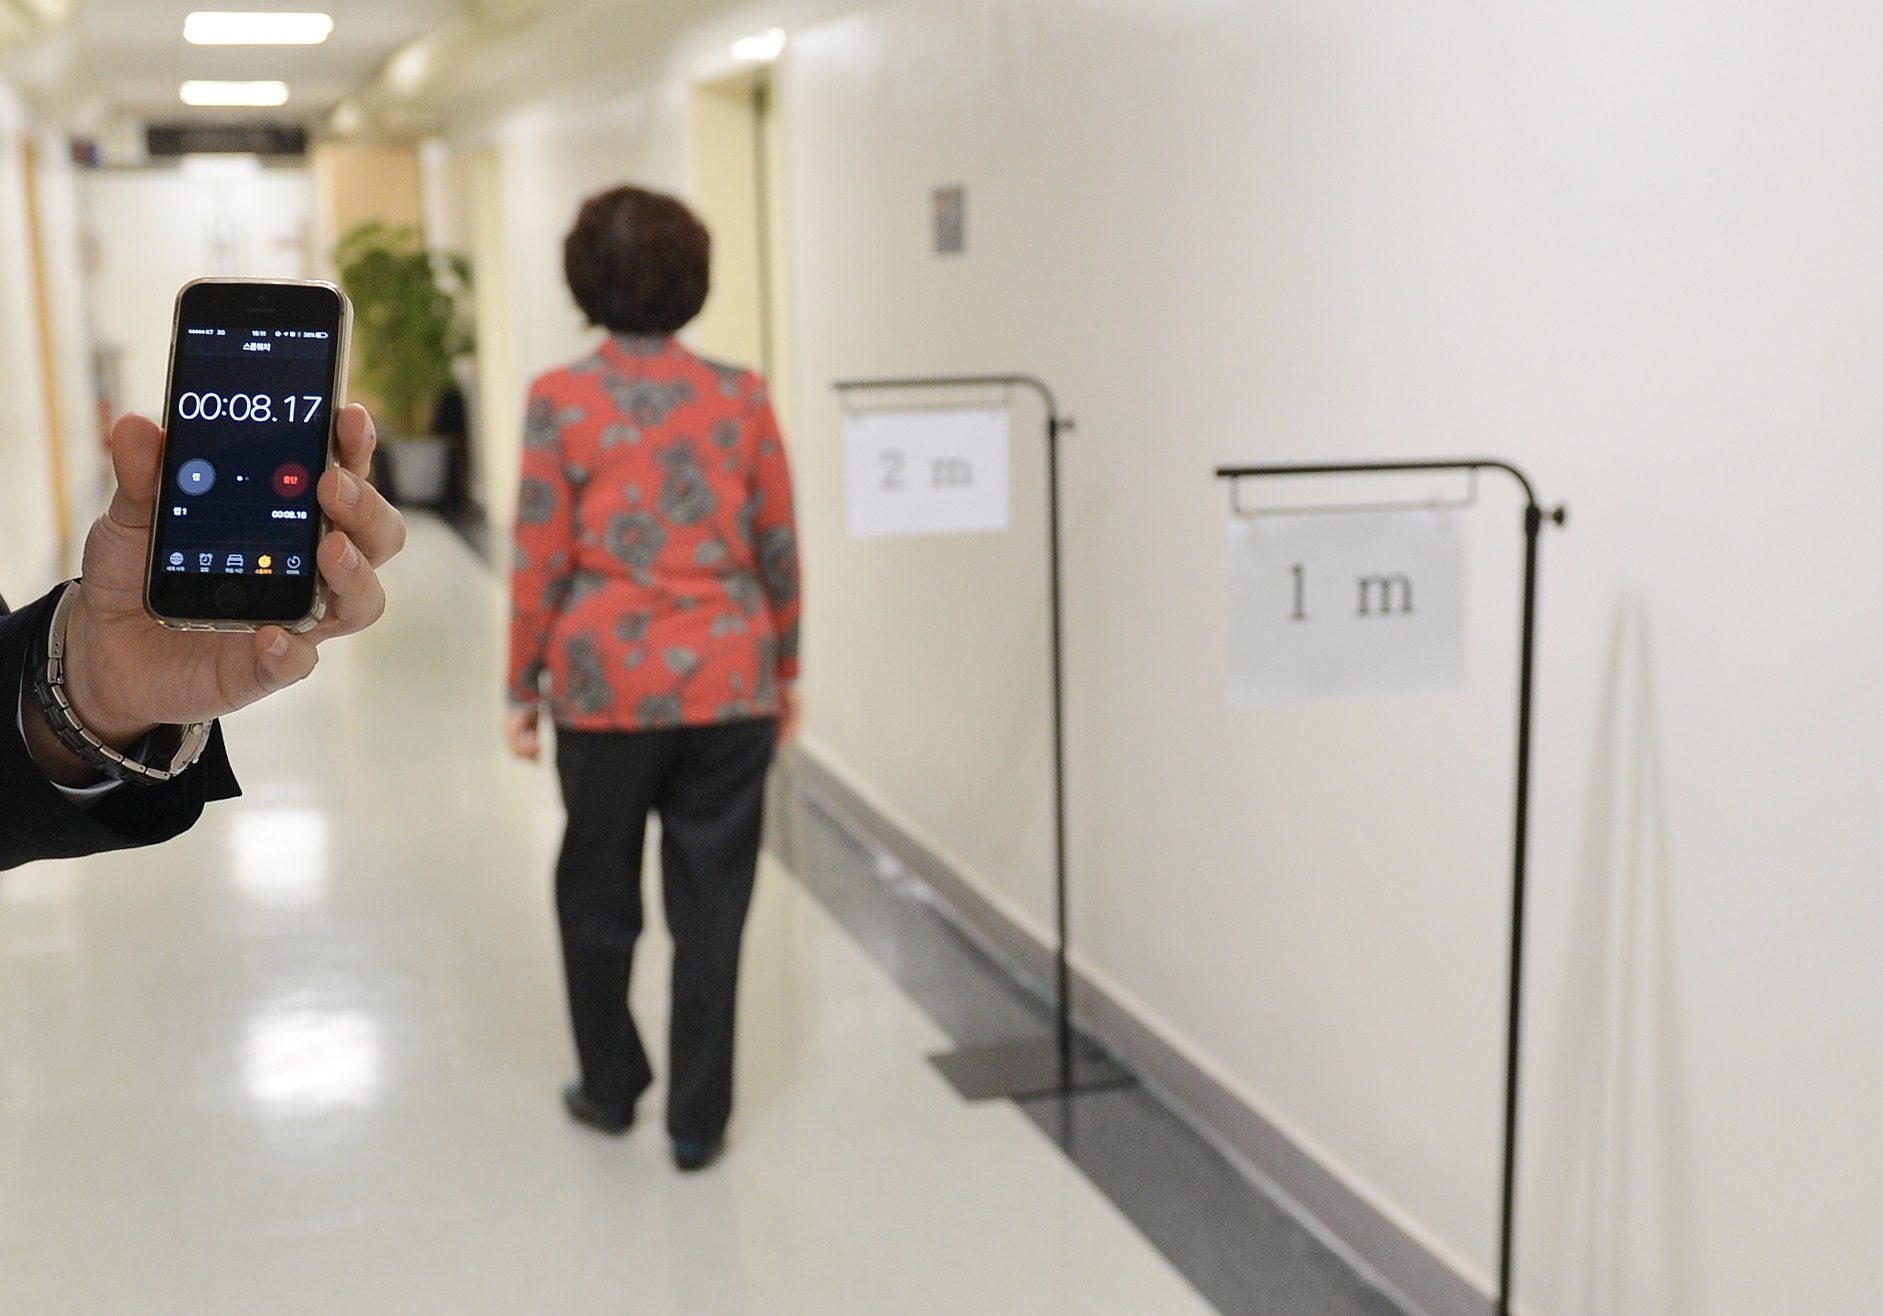 미세먼지에 노출되면 골다공증도 나타난다. 한 70대 골다공증 환자가 2m를 걷는 데 8초17이 걸렸다. 걷는 속도가 느리고 골다공증이 있으면 꾸준히 운동하고 단백질을 충분히 섭취하는 게 좋다. [사진제공=세브란스병원]